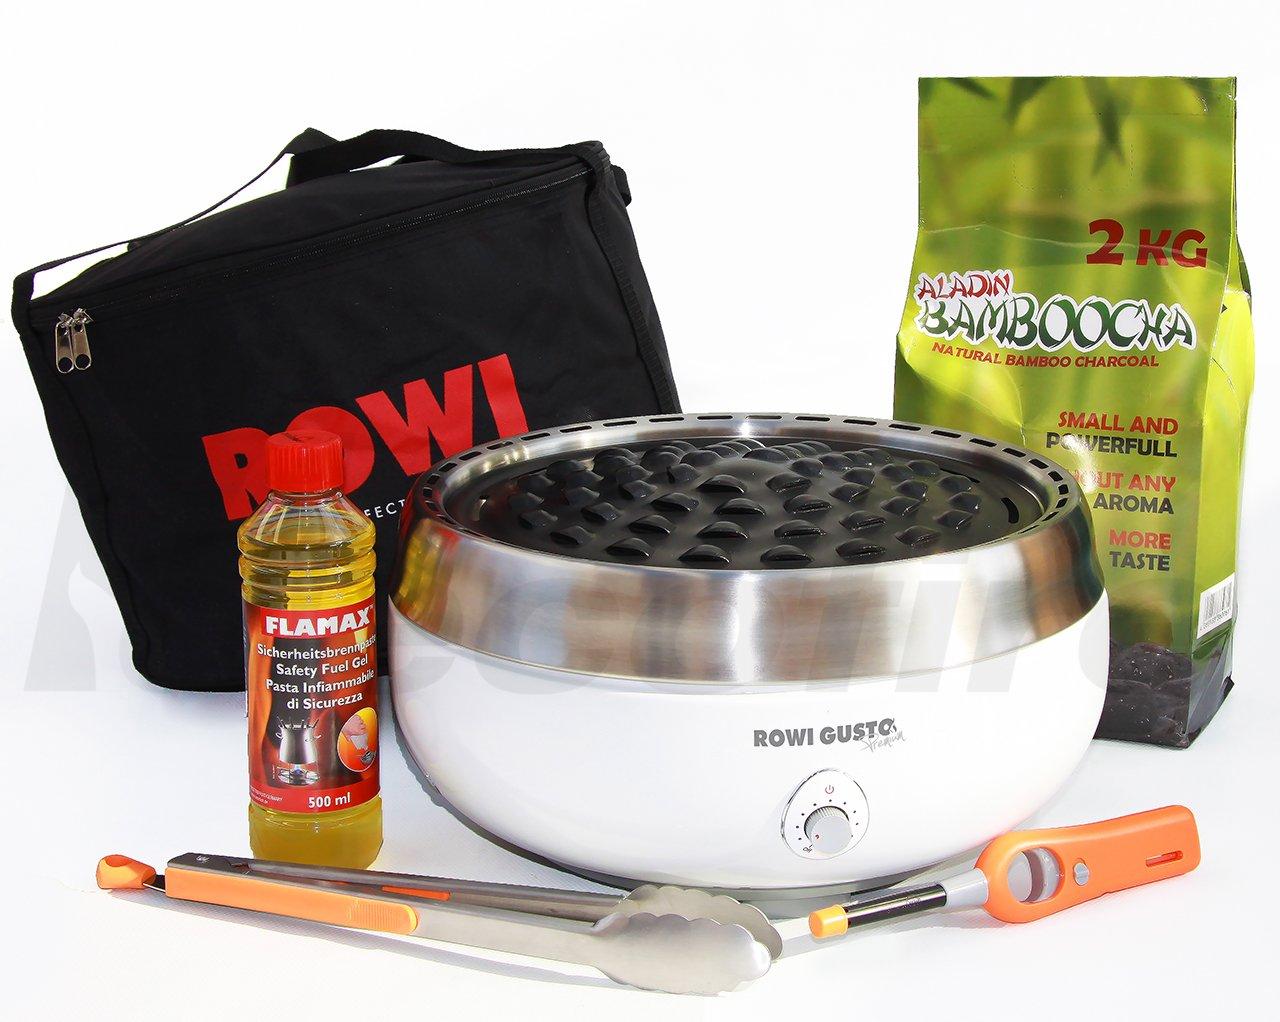 Holzkohle Tischgrill ROWI GUSTO Premium – Grillerette – Weiss, im Super Pack mit viel Grillzubehör und Bambus-Holzkohle jetzt kaufen